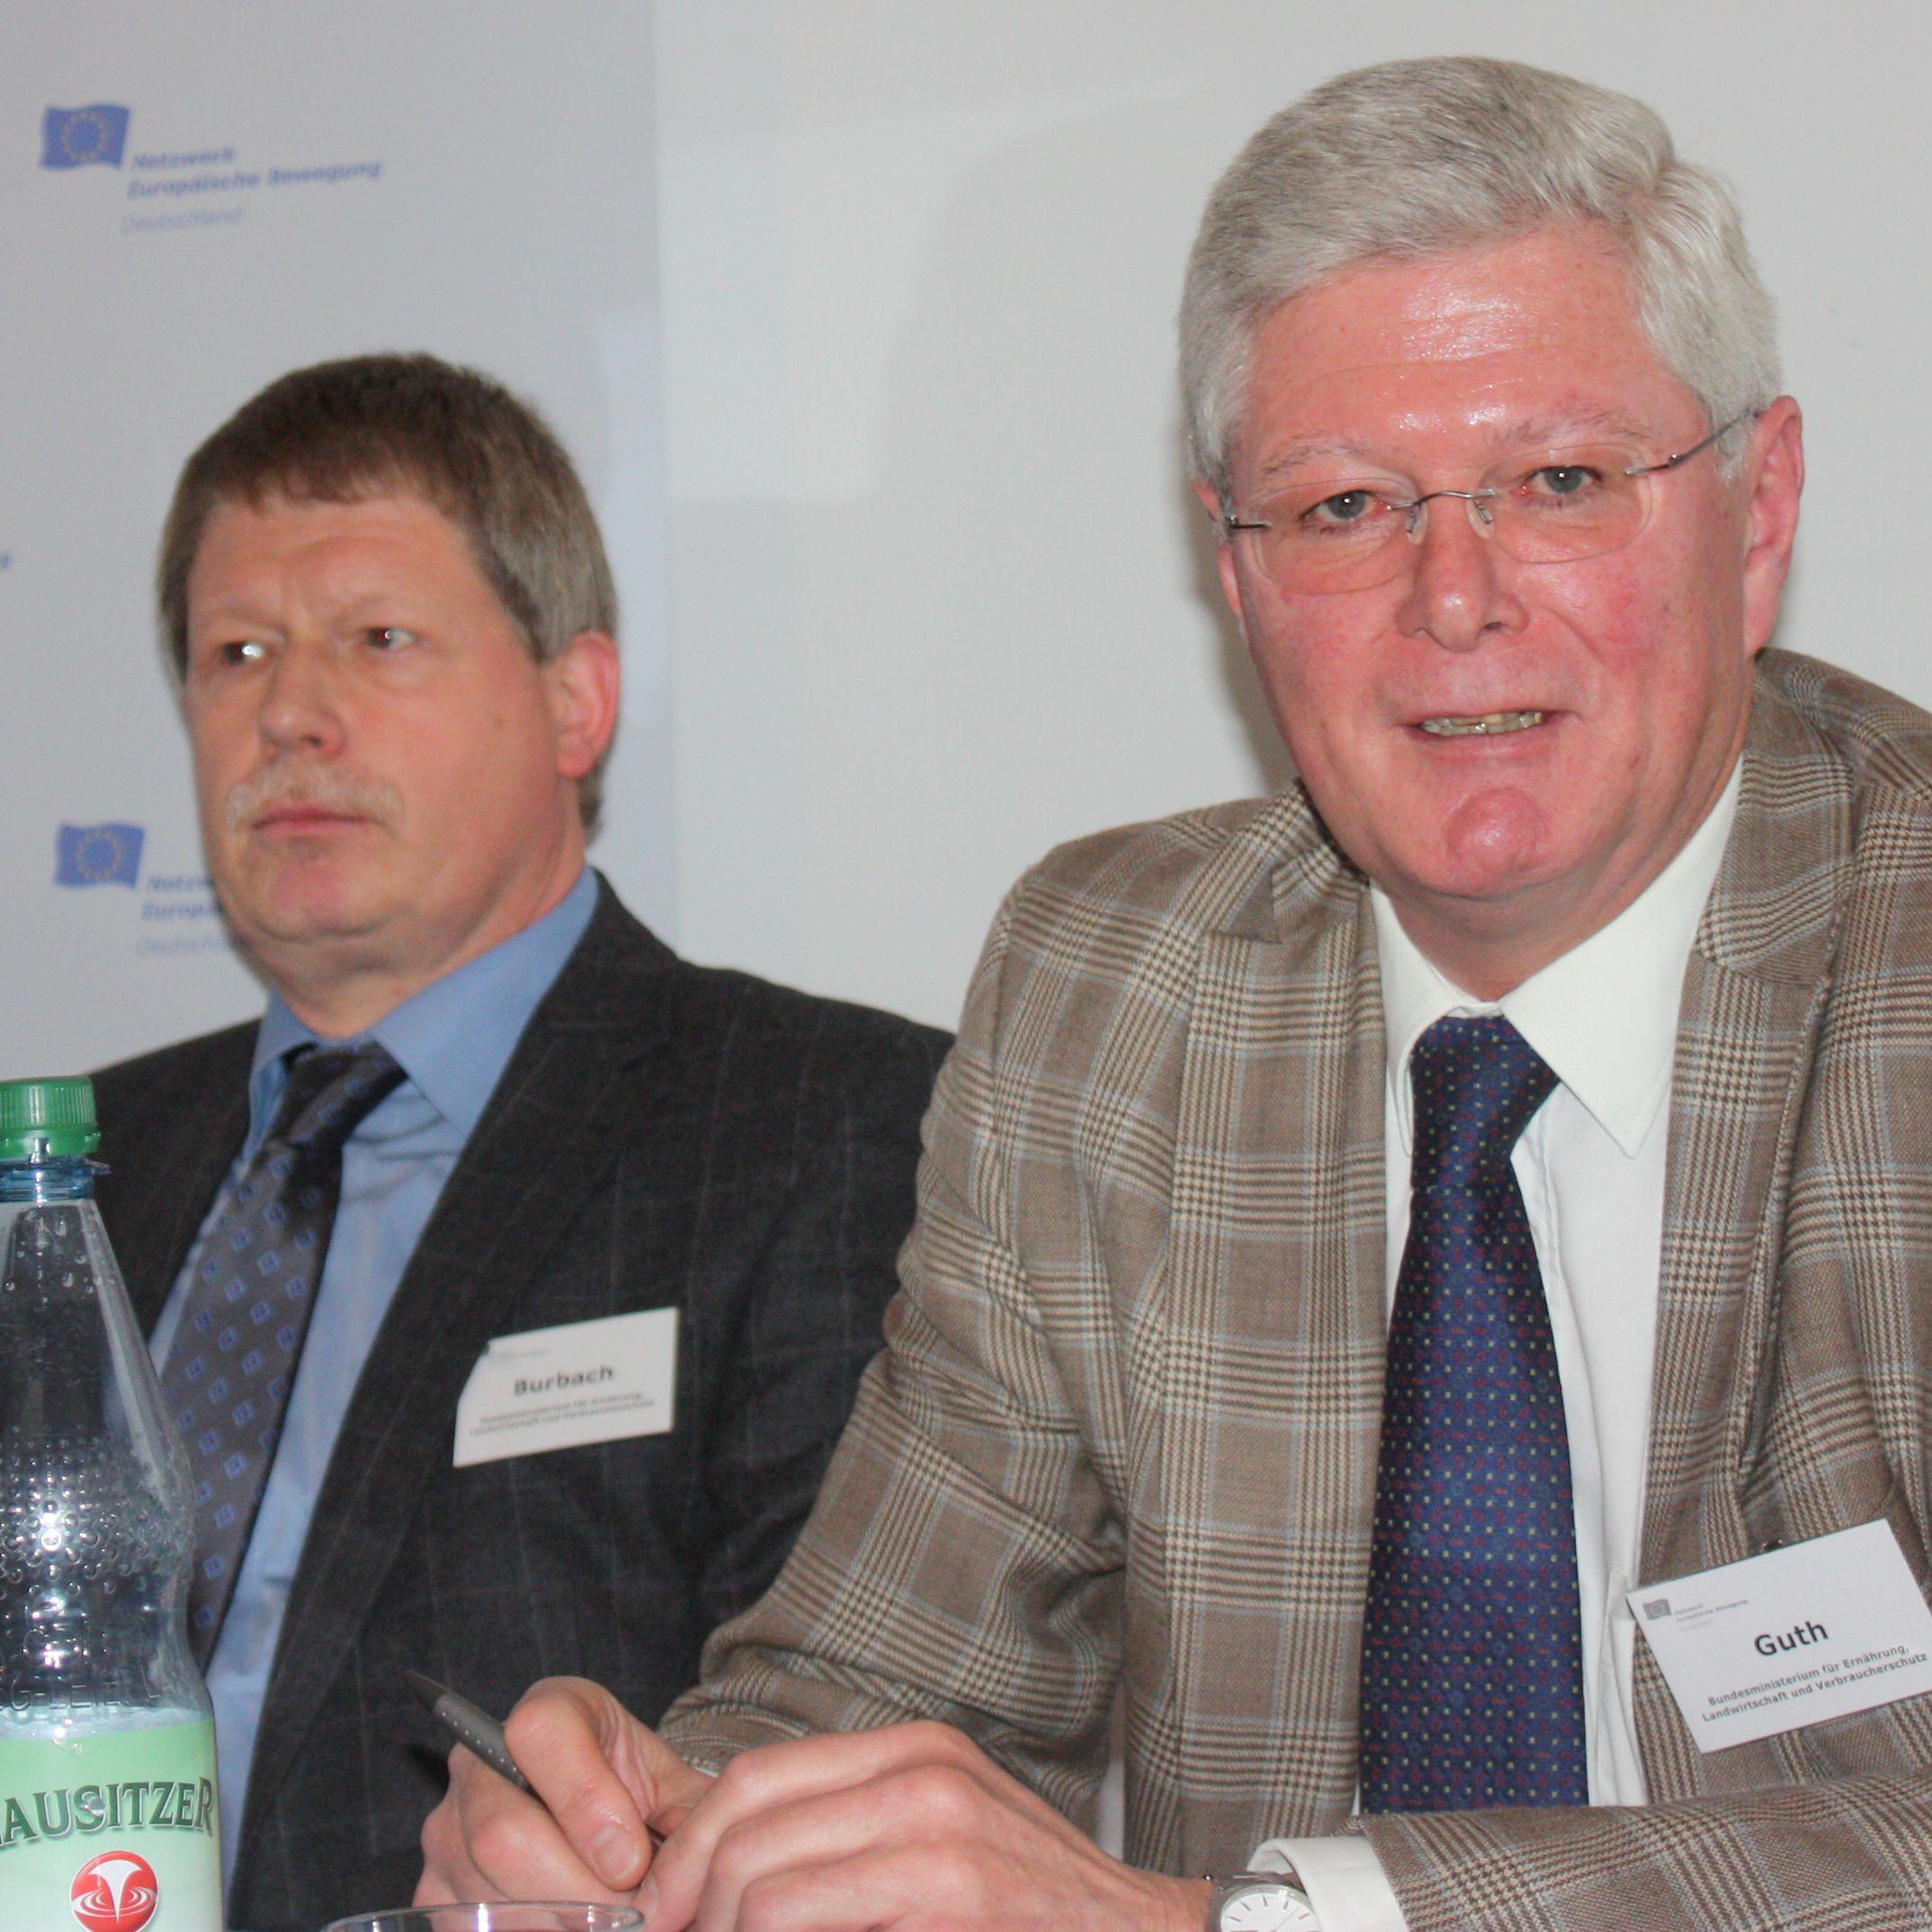 Hartnäckigkeit macht Quote, zeigt EU-De-Briefing Landwirtschaft und Fischerei